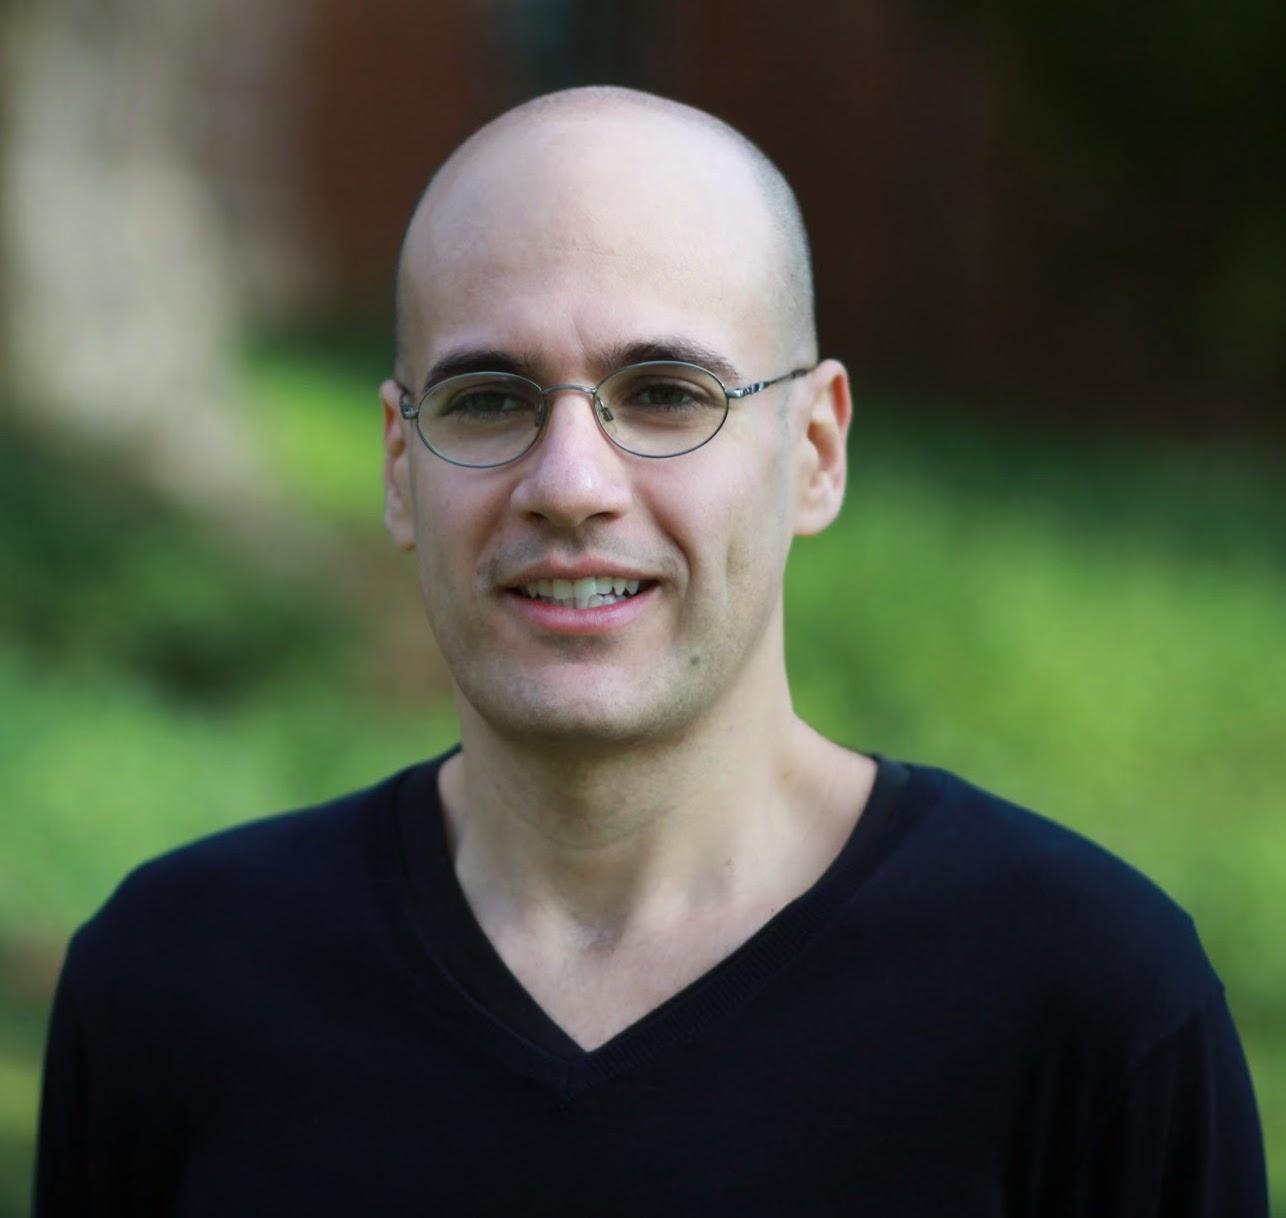 Elias Bareinboim